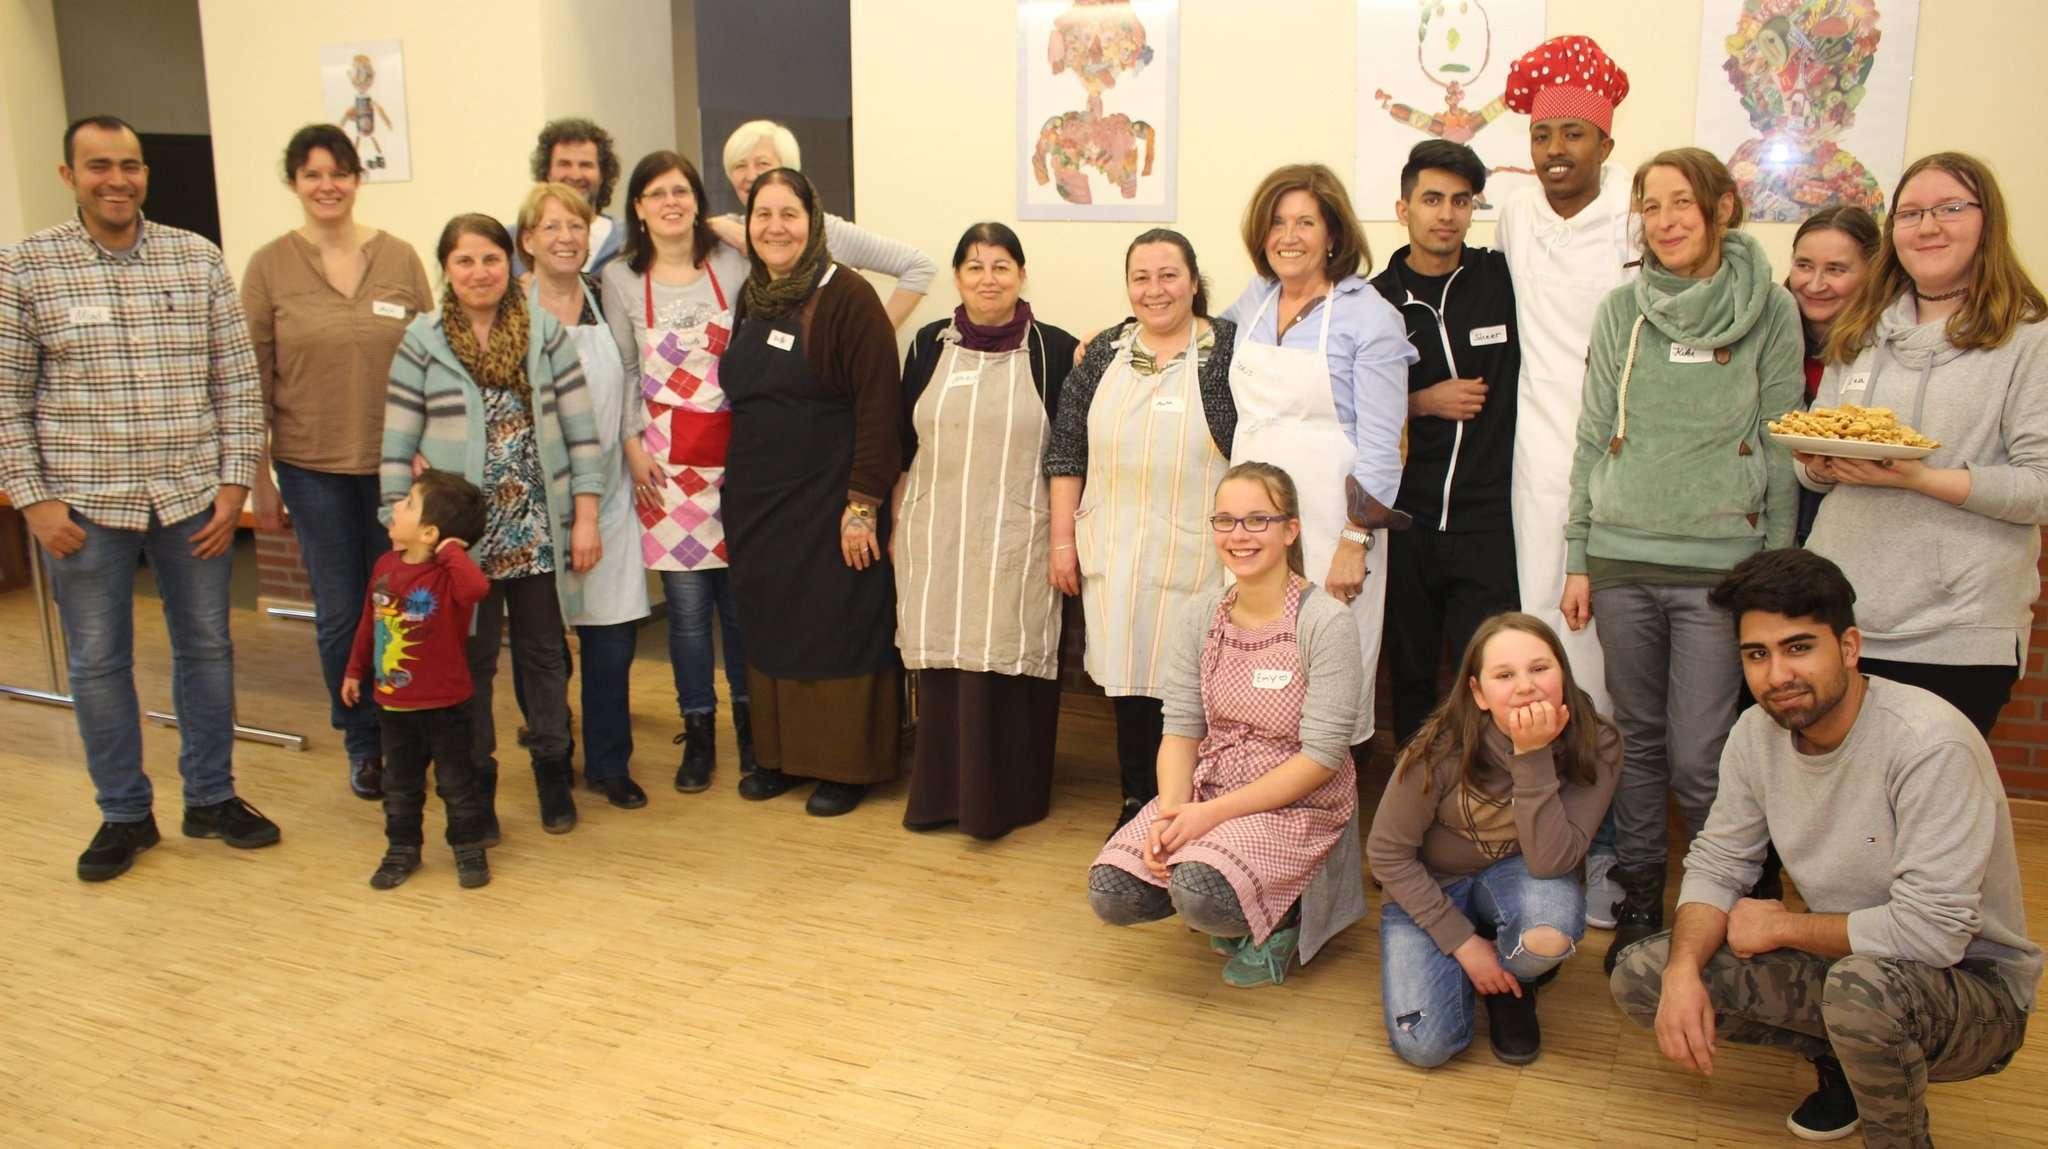 Bei der letzten Küche des Präventionsrates gab es eine breite Palette an südländischen Spezialitäten. Foto: Henning Leeske